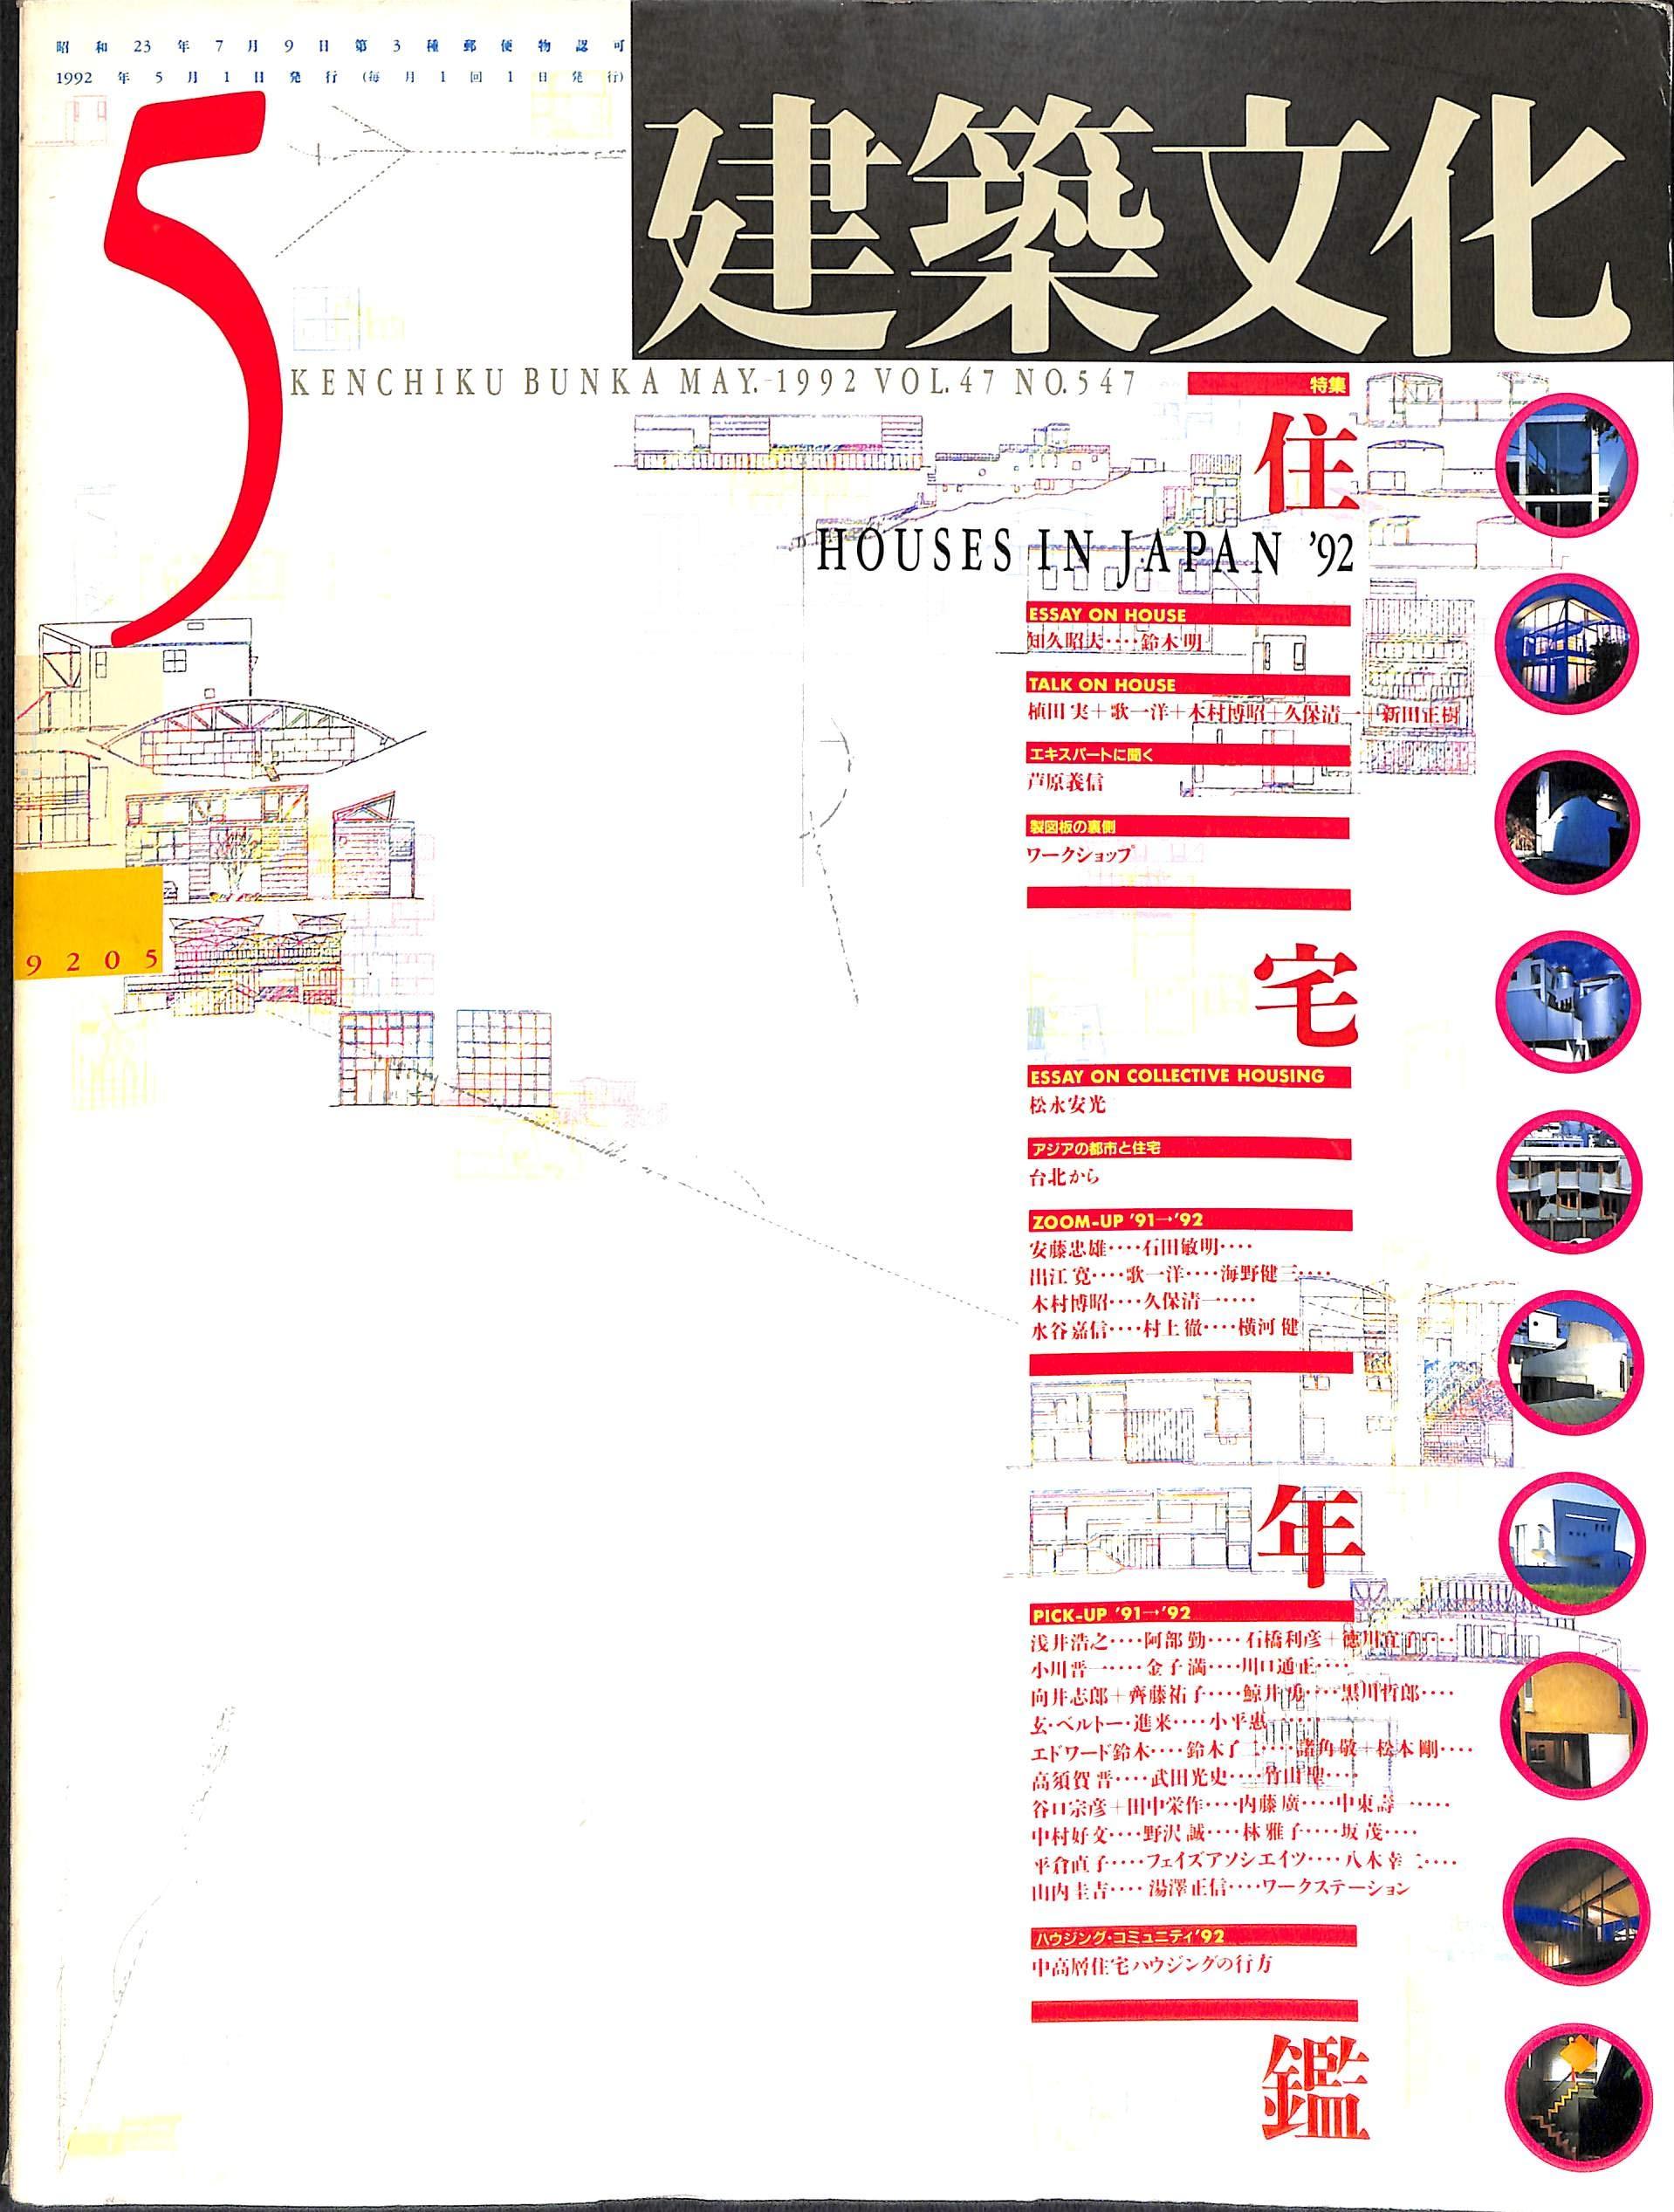 https://images-na.ssl-images-amazon.com/images/I/81bkBjRQKaL.jpg